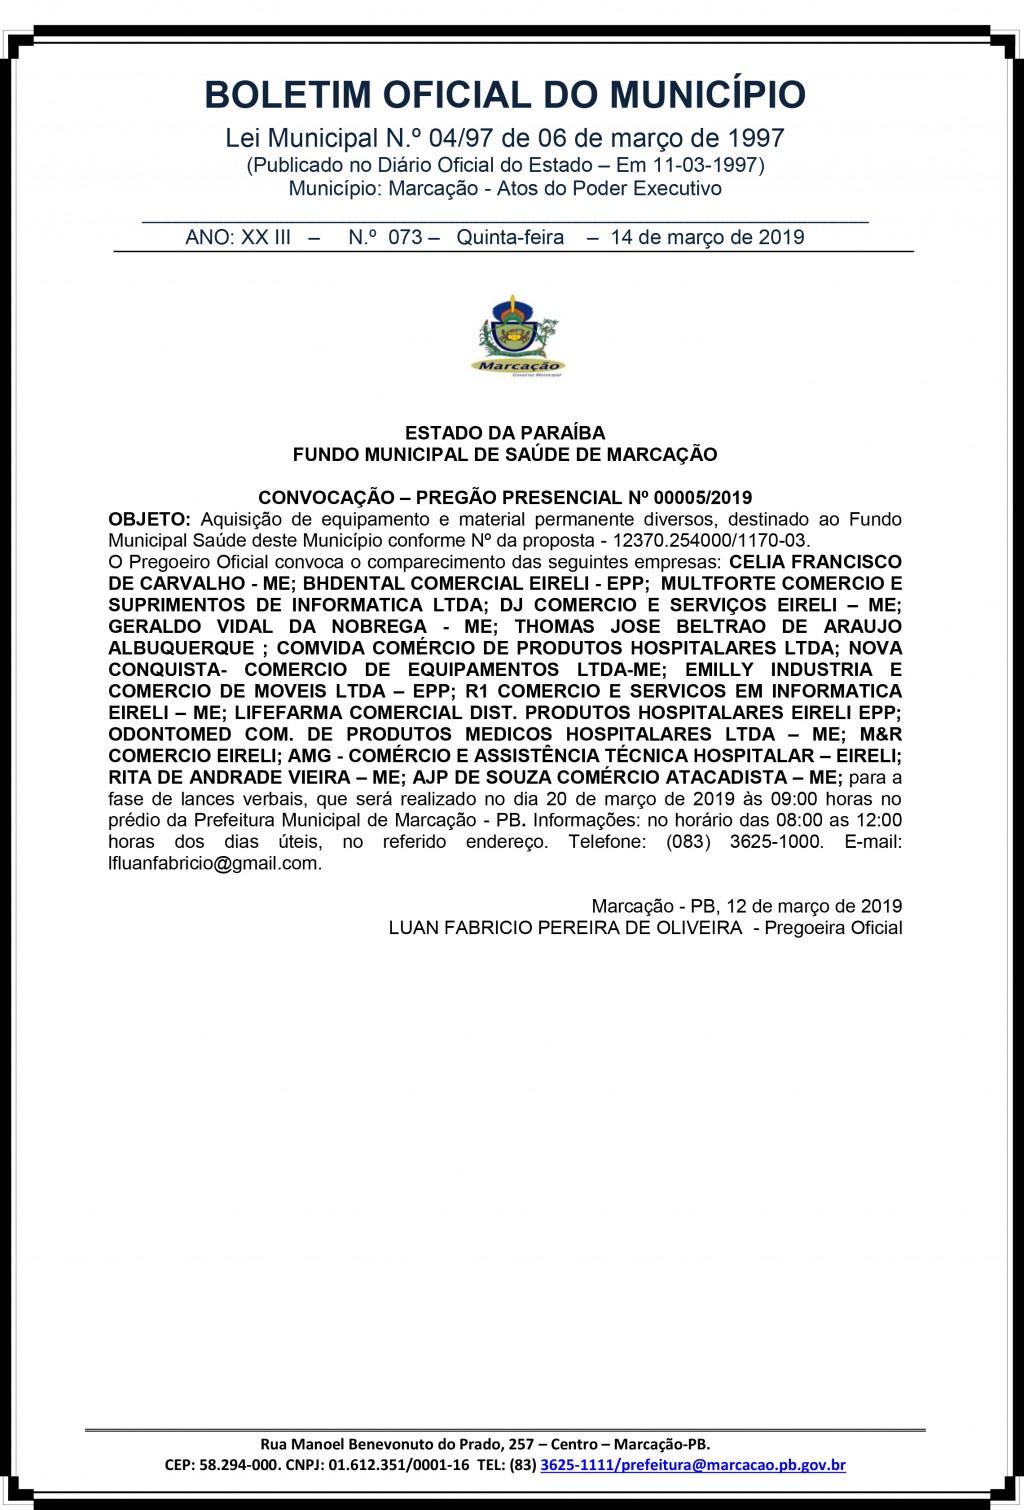 CONVOCAÇÃO – PREGÃO PRESENCIAL Nº 00005/2019